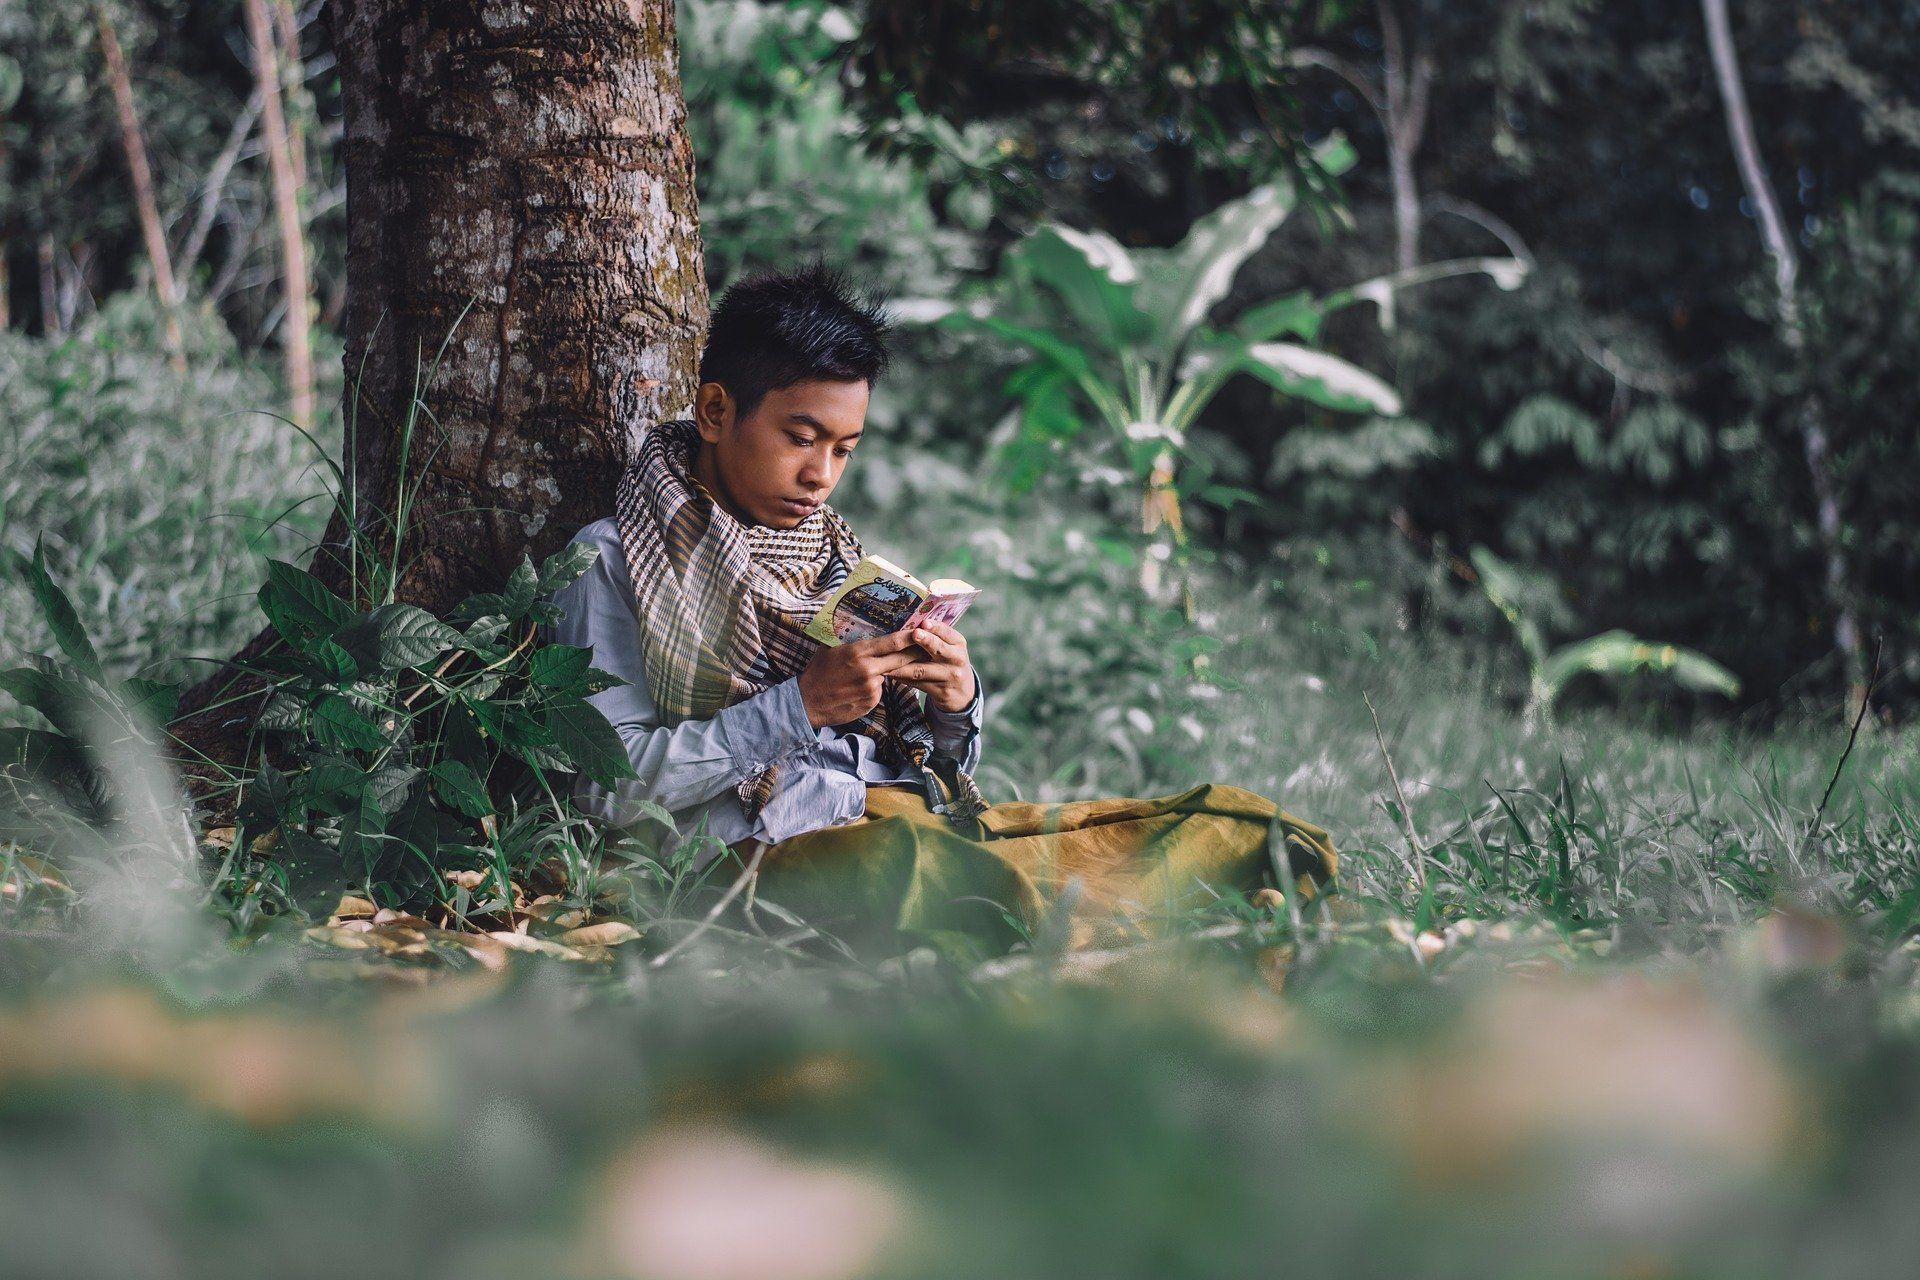 Ketika kita mengklarifikasi niat berpuasa lewat doa, kita cenderung setia hingga kita mencapai tujuan puasa (Darwis Alwan/Pixabay)